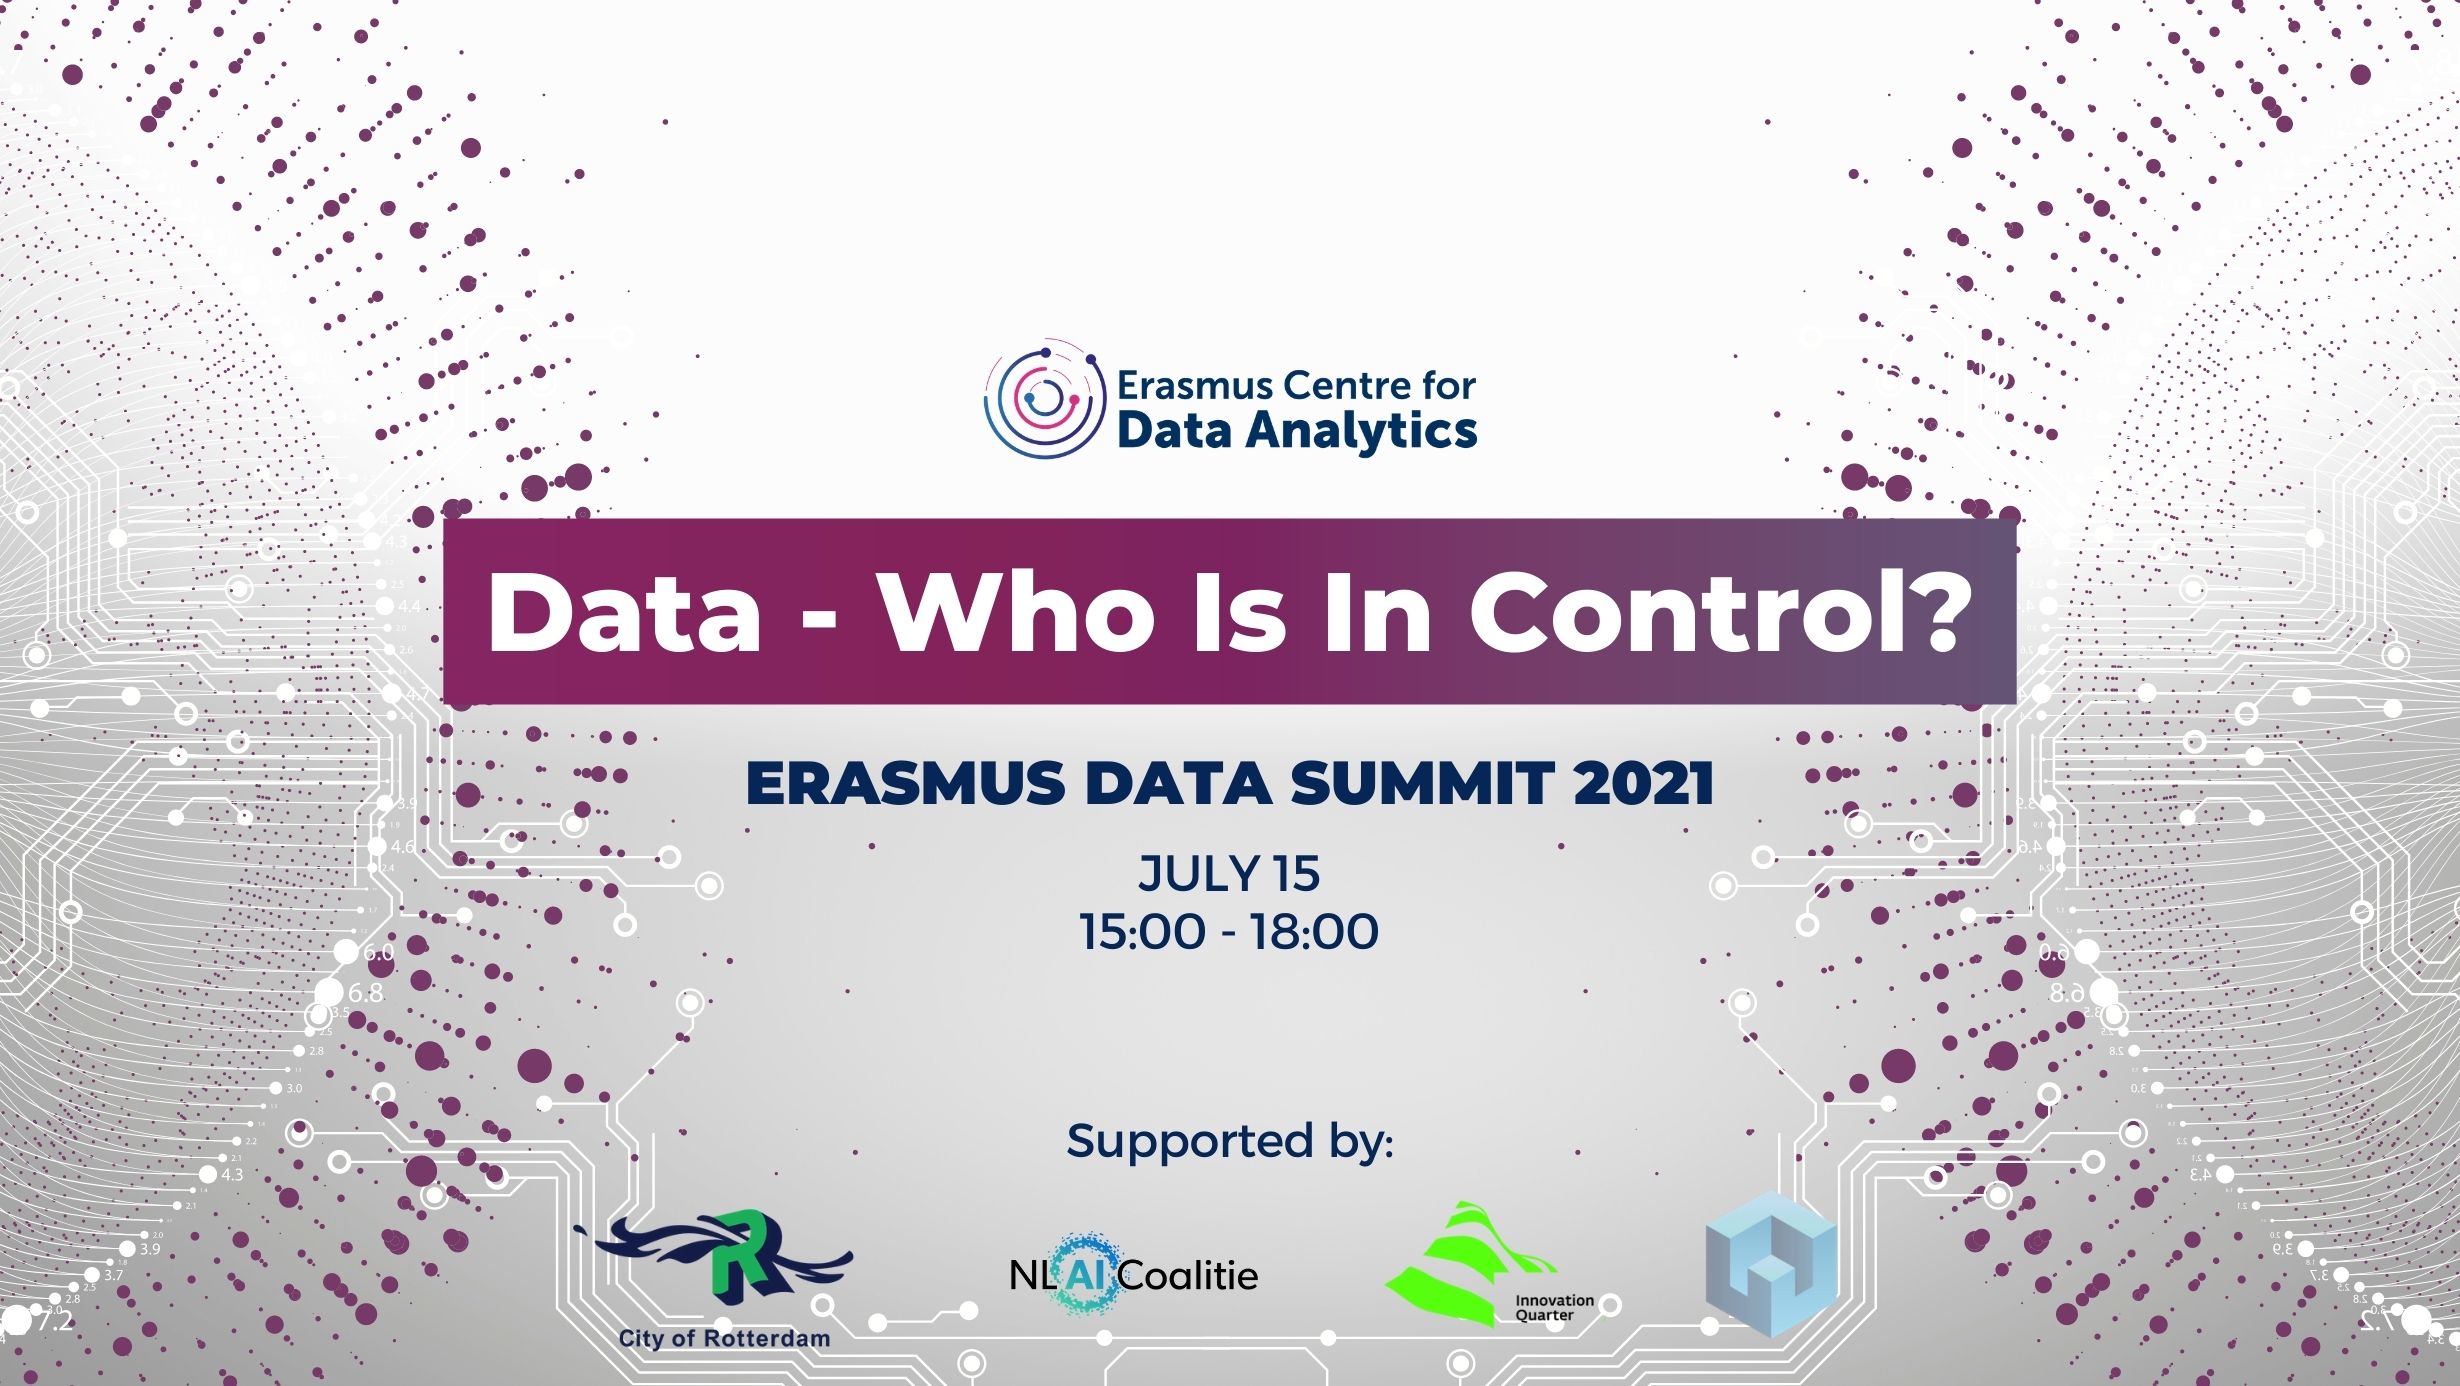 Data summit